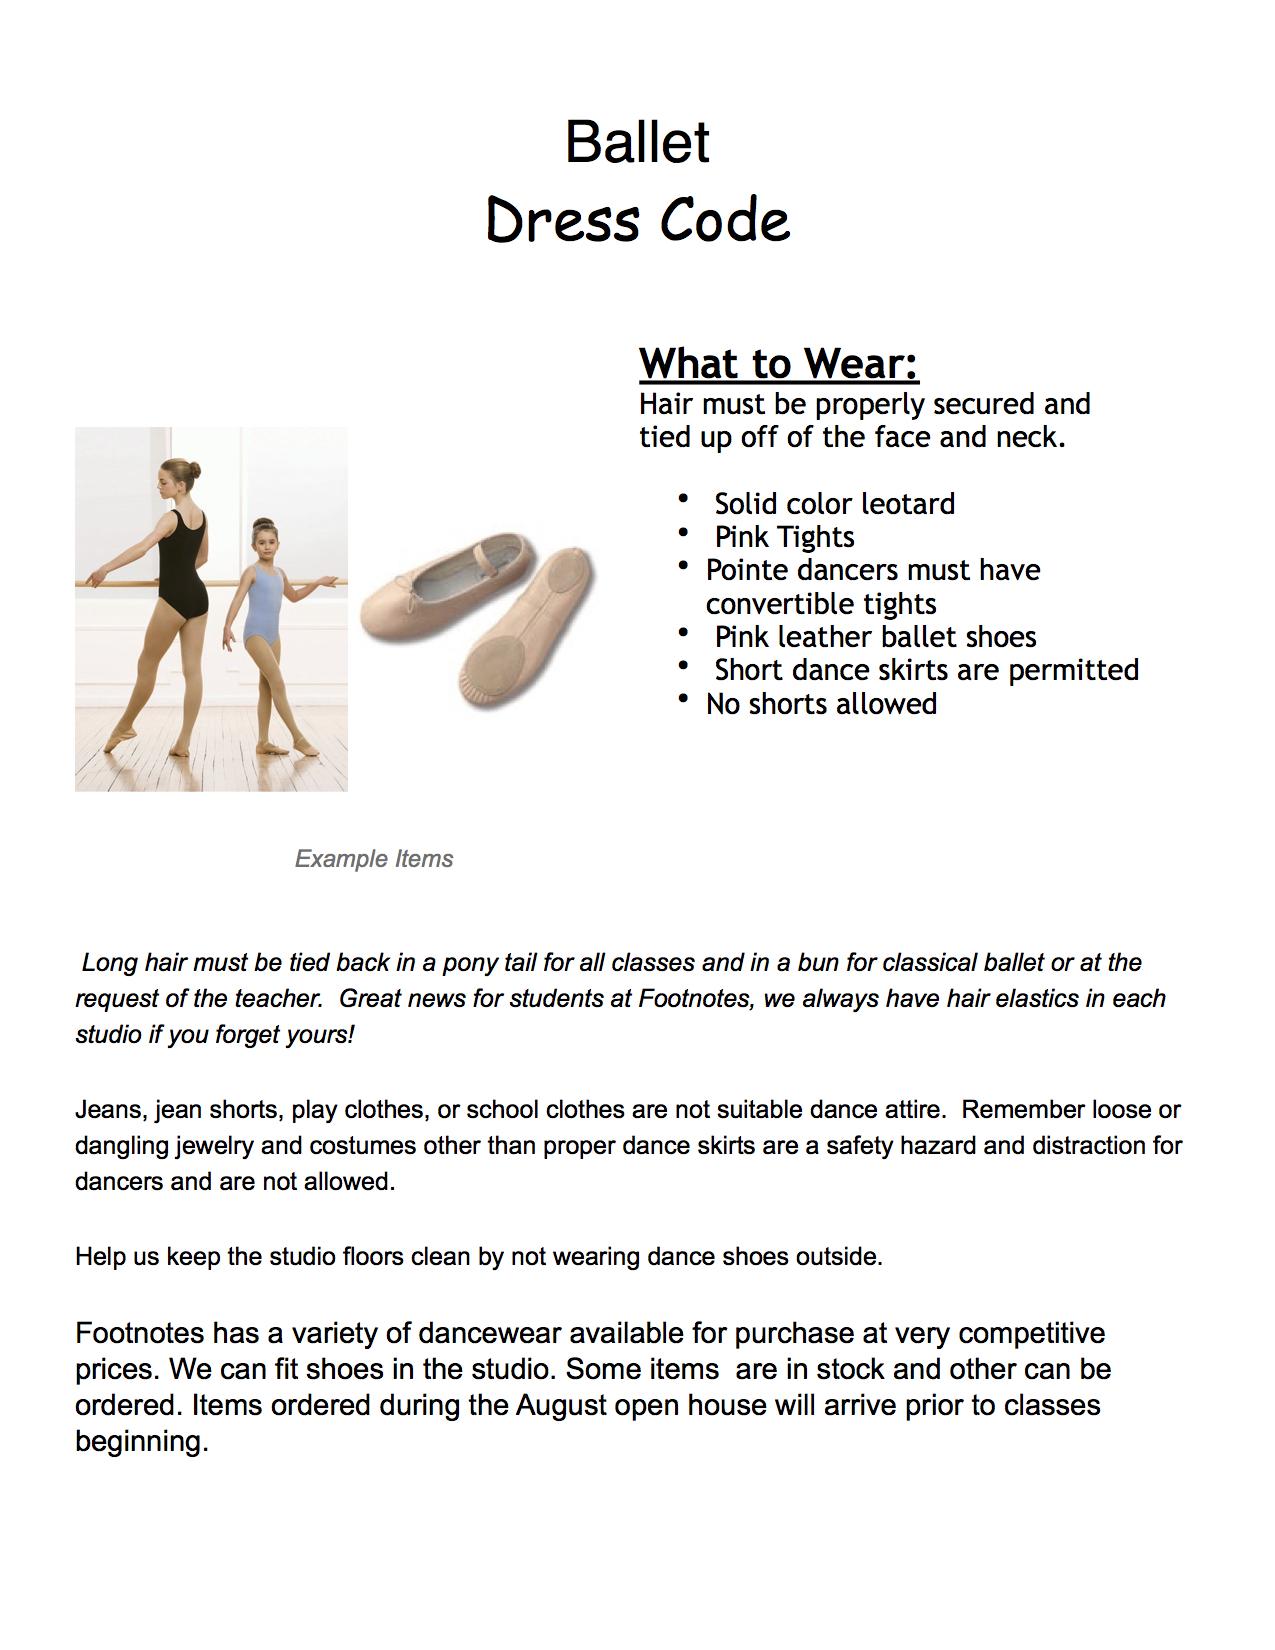 dress code ballet.jpg